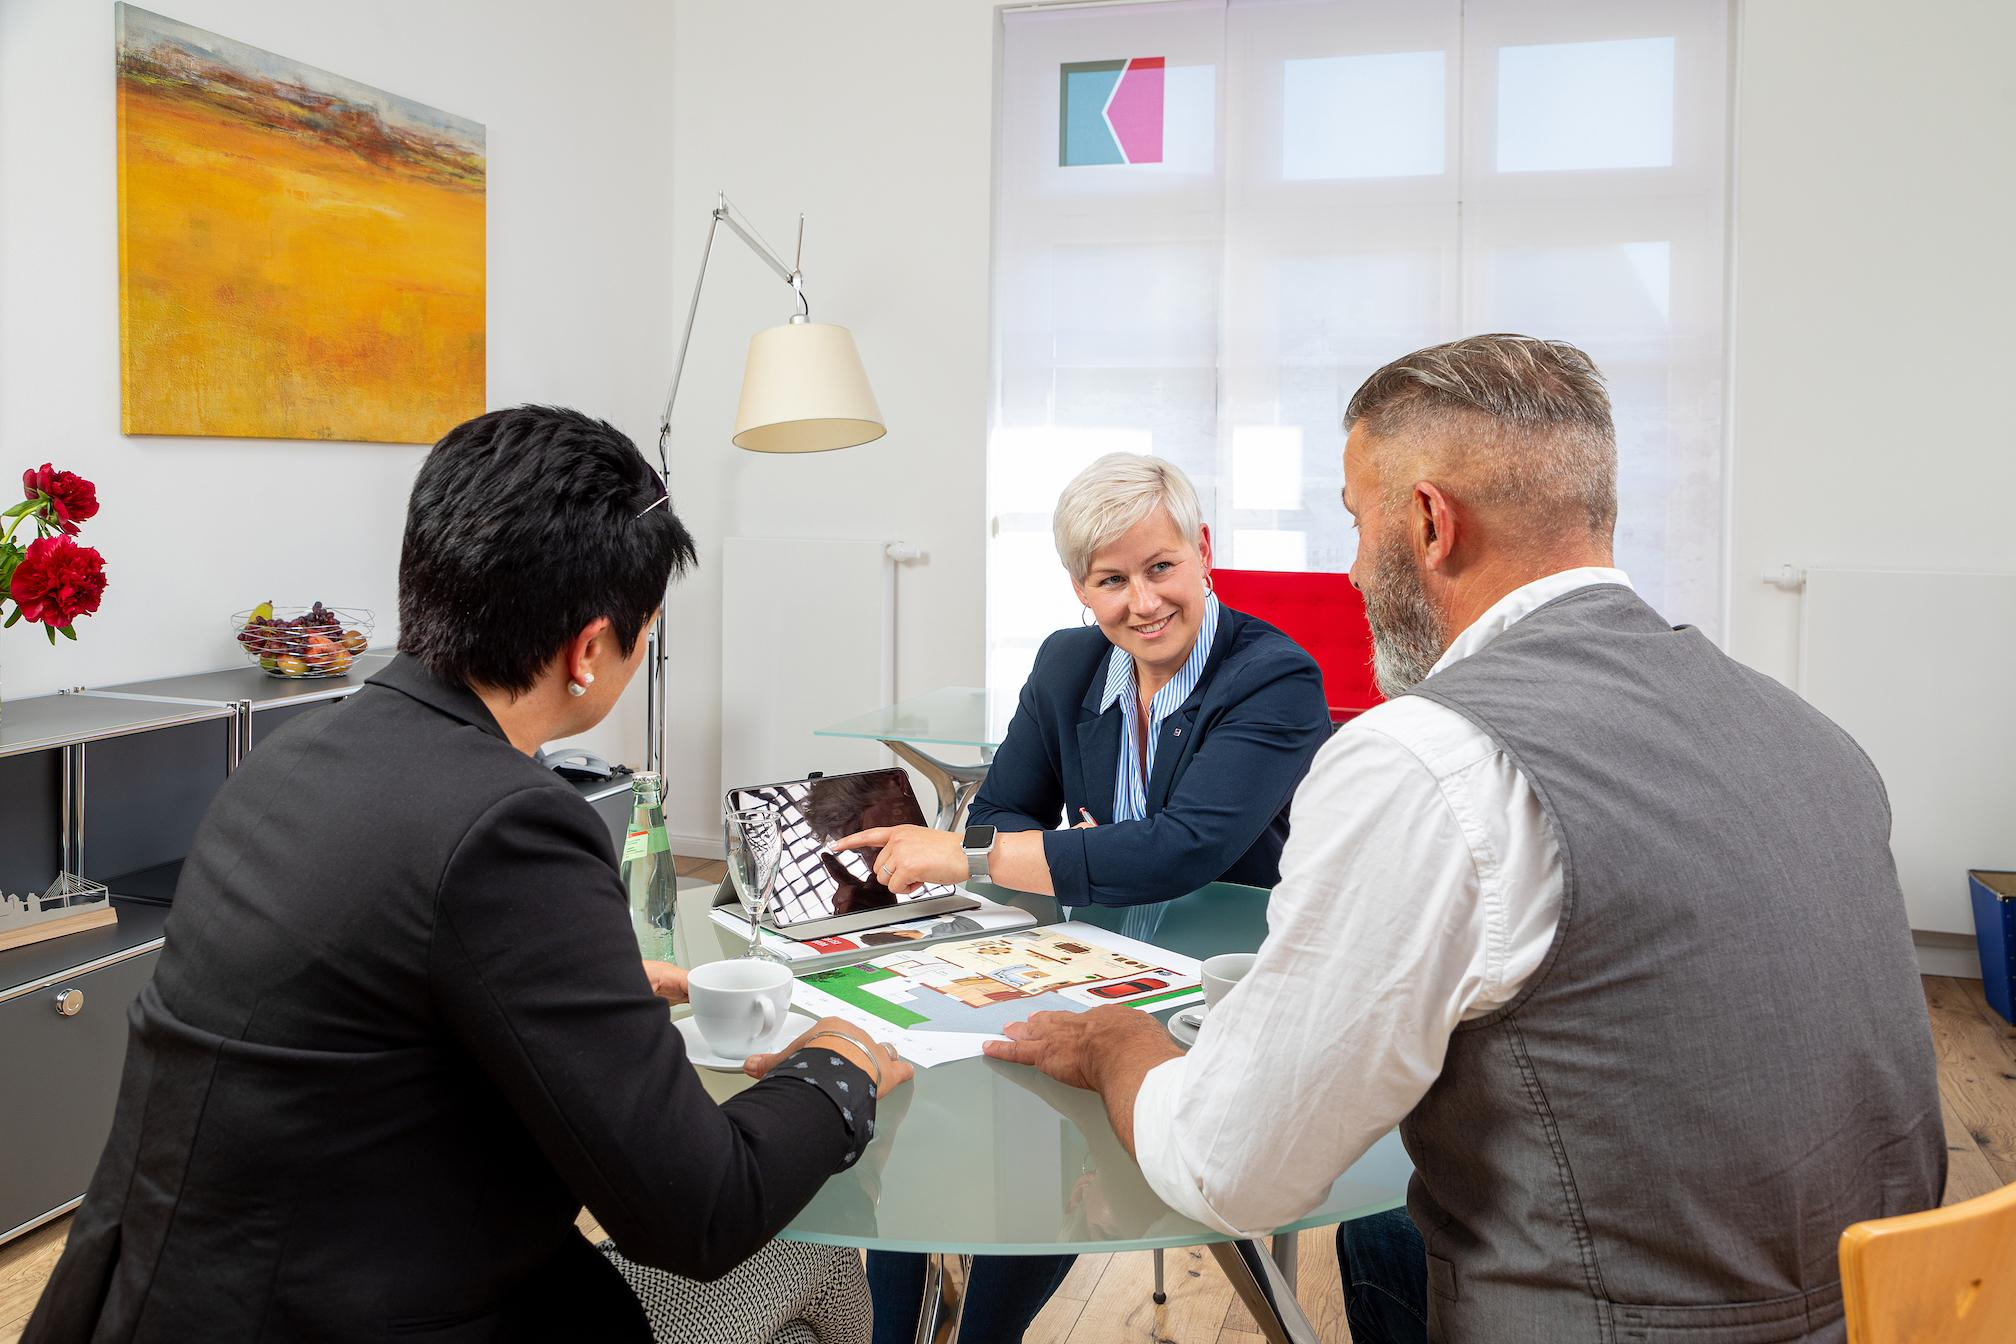 Besprechung einer Immobilie mit Interessenten